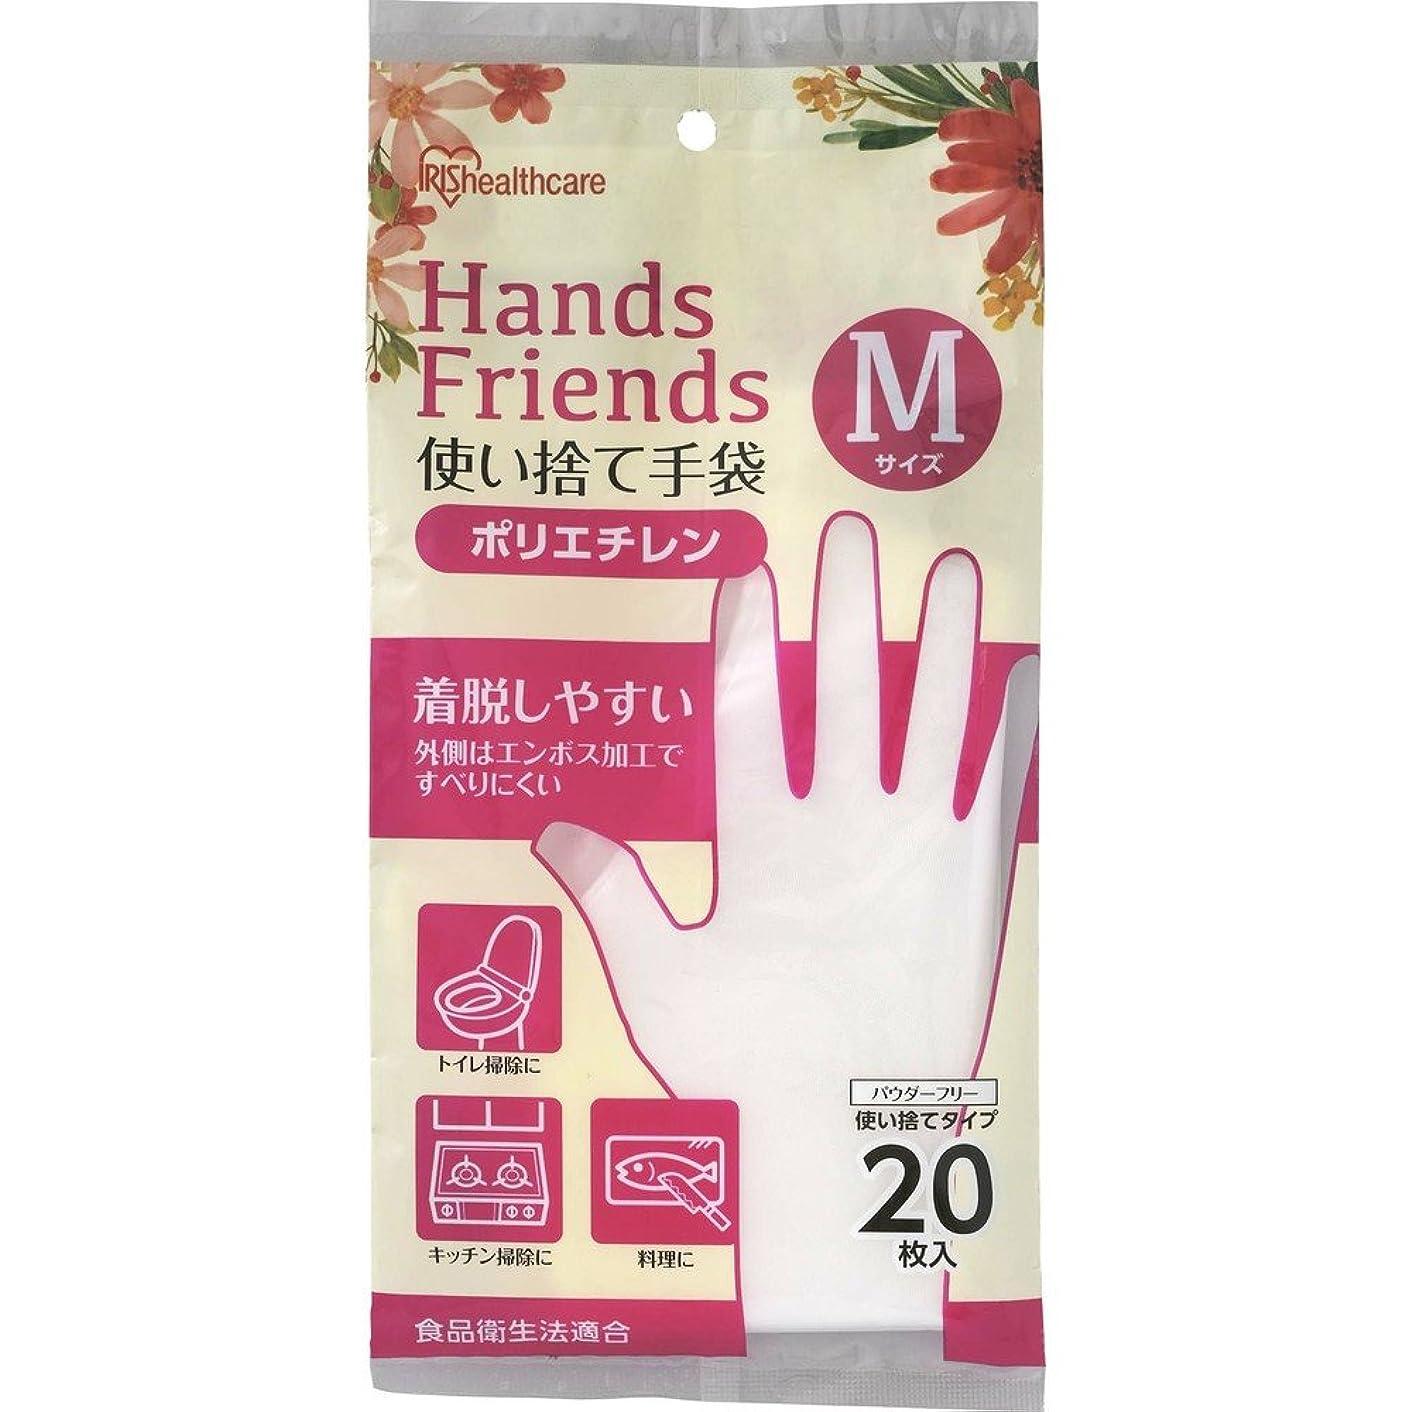 スナップ復活するたるみ使い捨て手袋 ポリエチレン手袋 Mサイズ 粉なし パウダーフリー クリア 20枚入